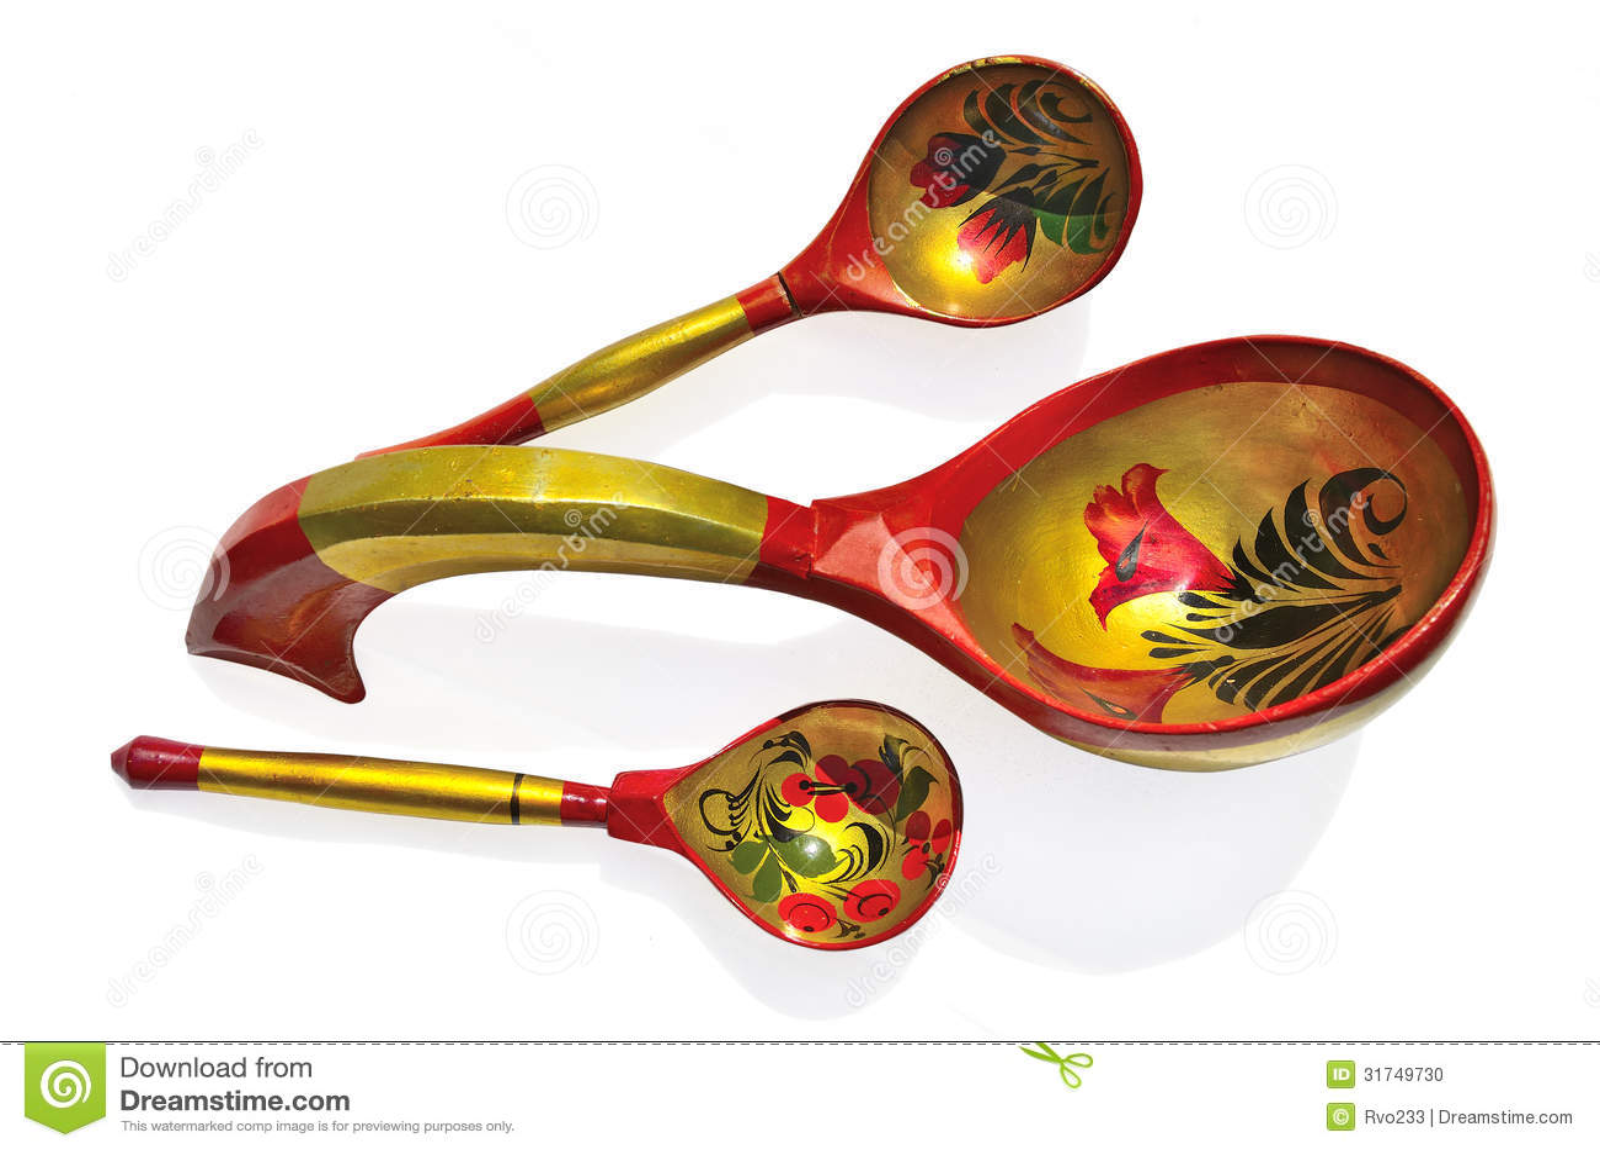 Pata de hoja de cuchara ruso vintage